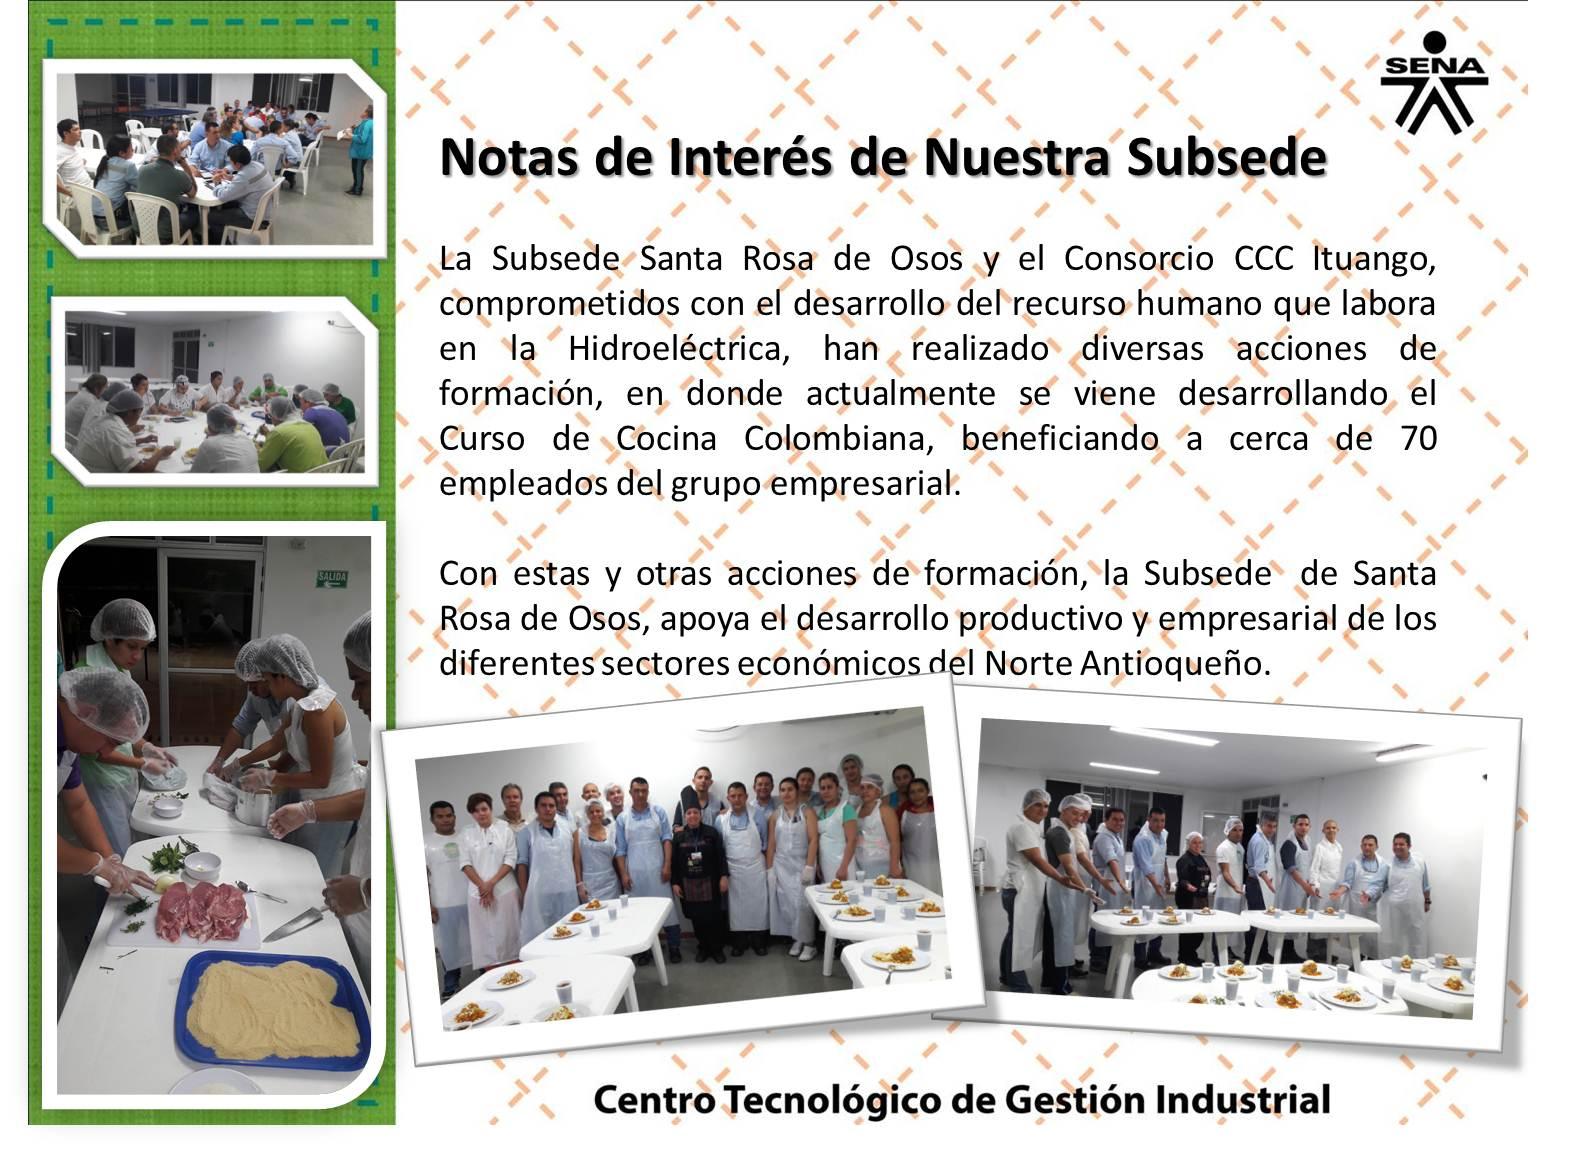 Centro textil y de gestion industrial sena regional - Clases de cocina medellin ...